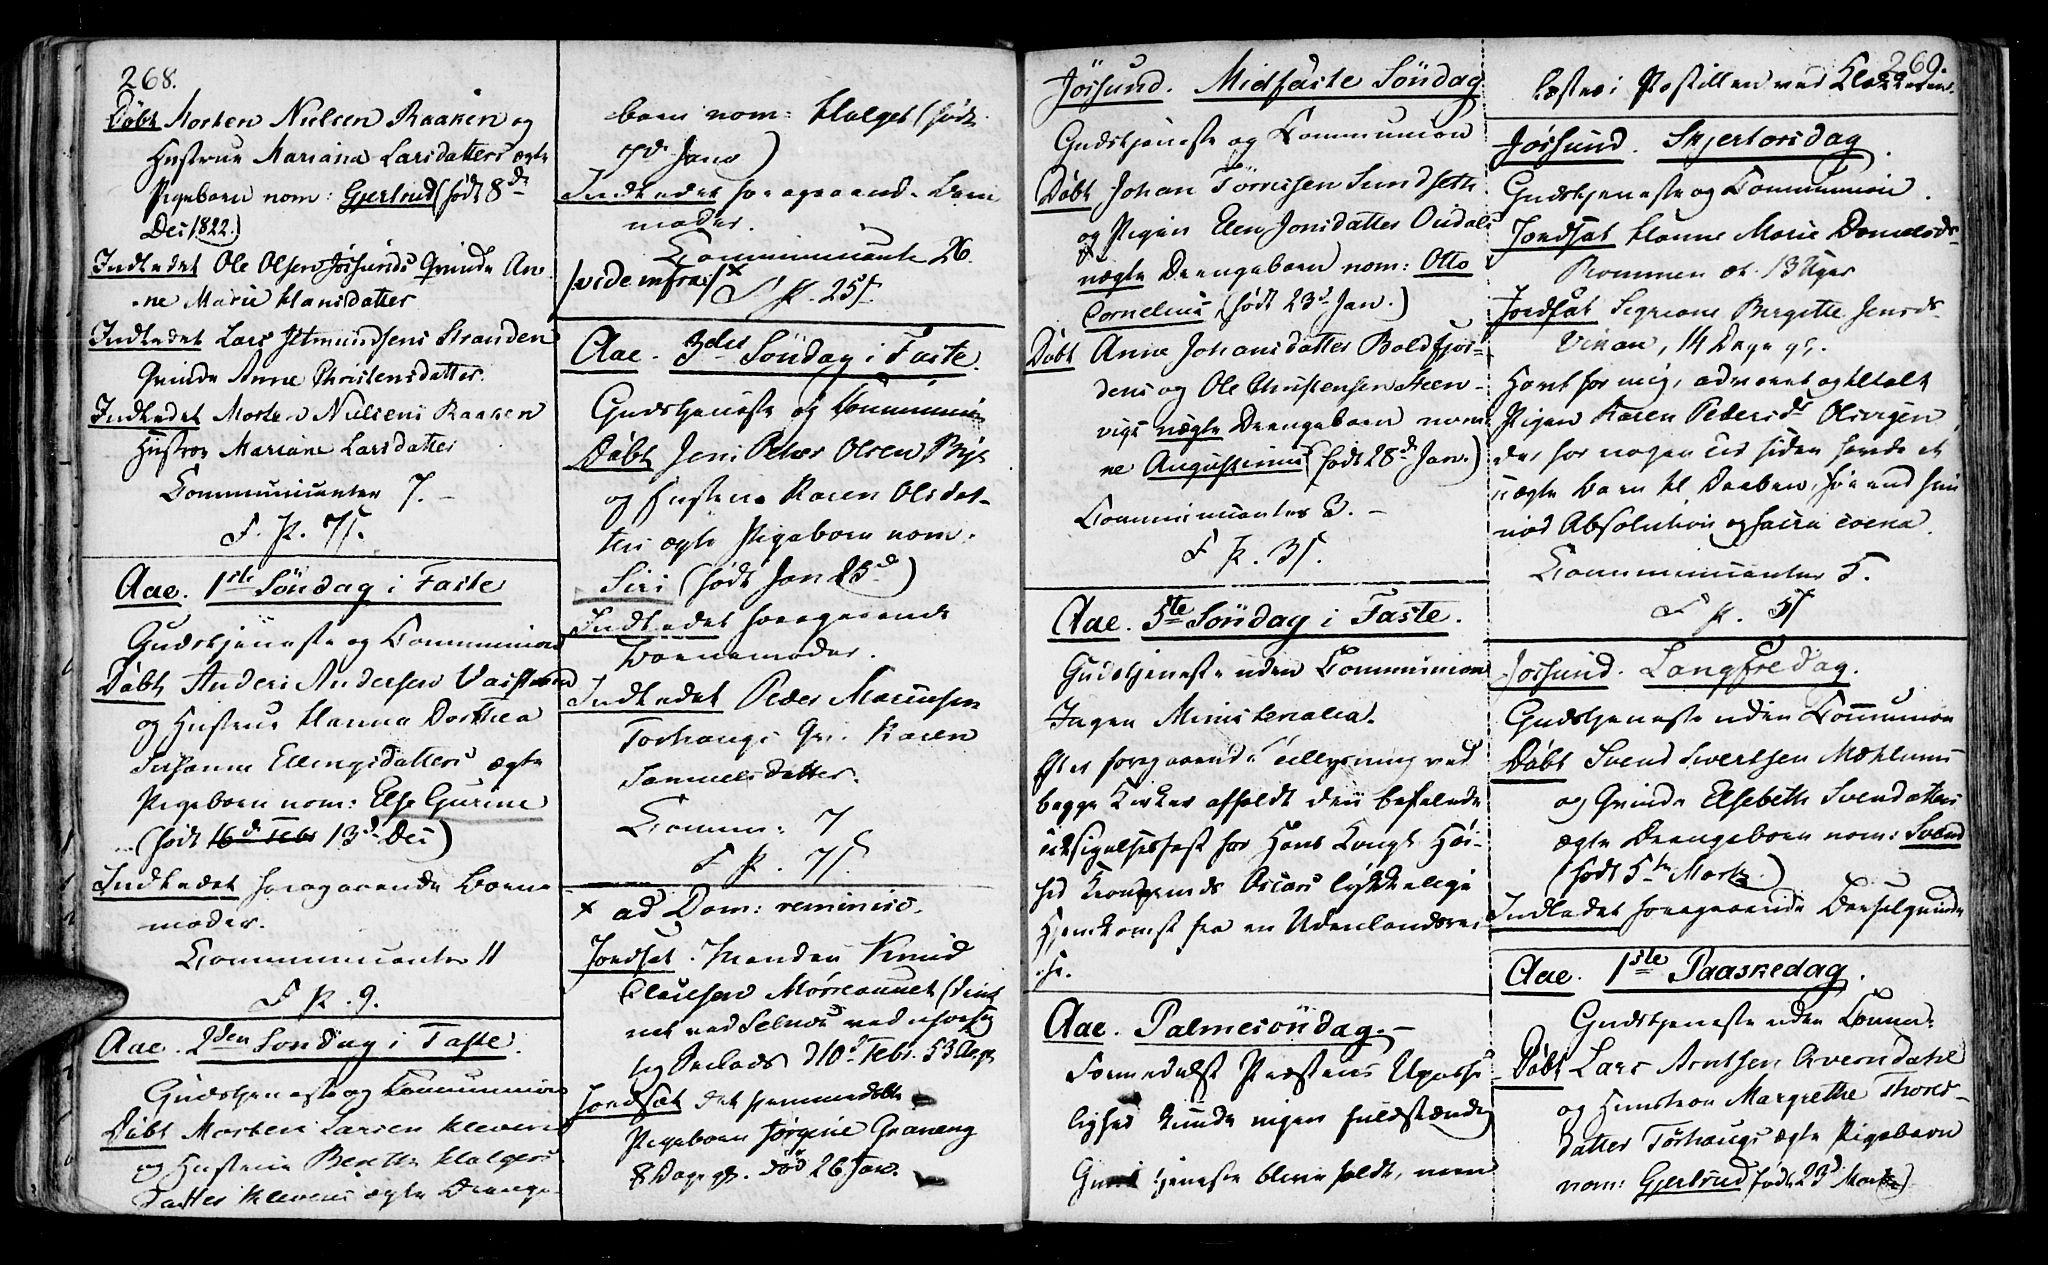 SAT, Ministerialprotokoller, klokkerbøker og fødselsregistre - Sør-Trøndelag, 655/L0674: Ministerialbok nr. 655A03, 1802-1826, s. 268-269